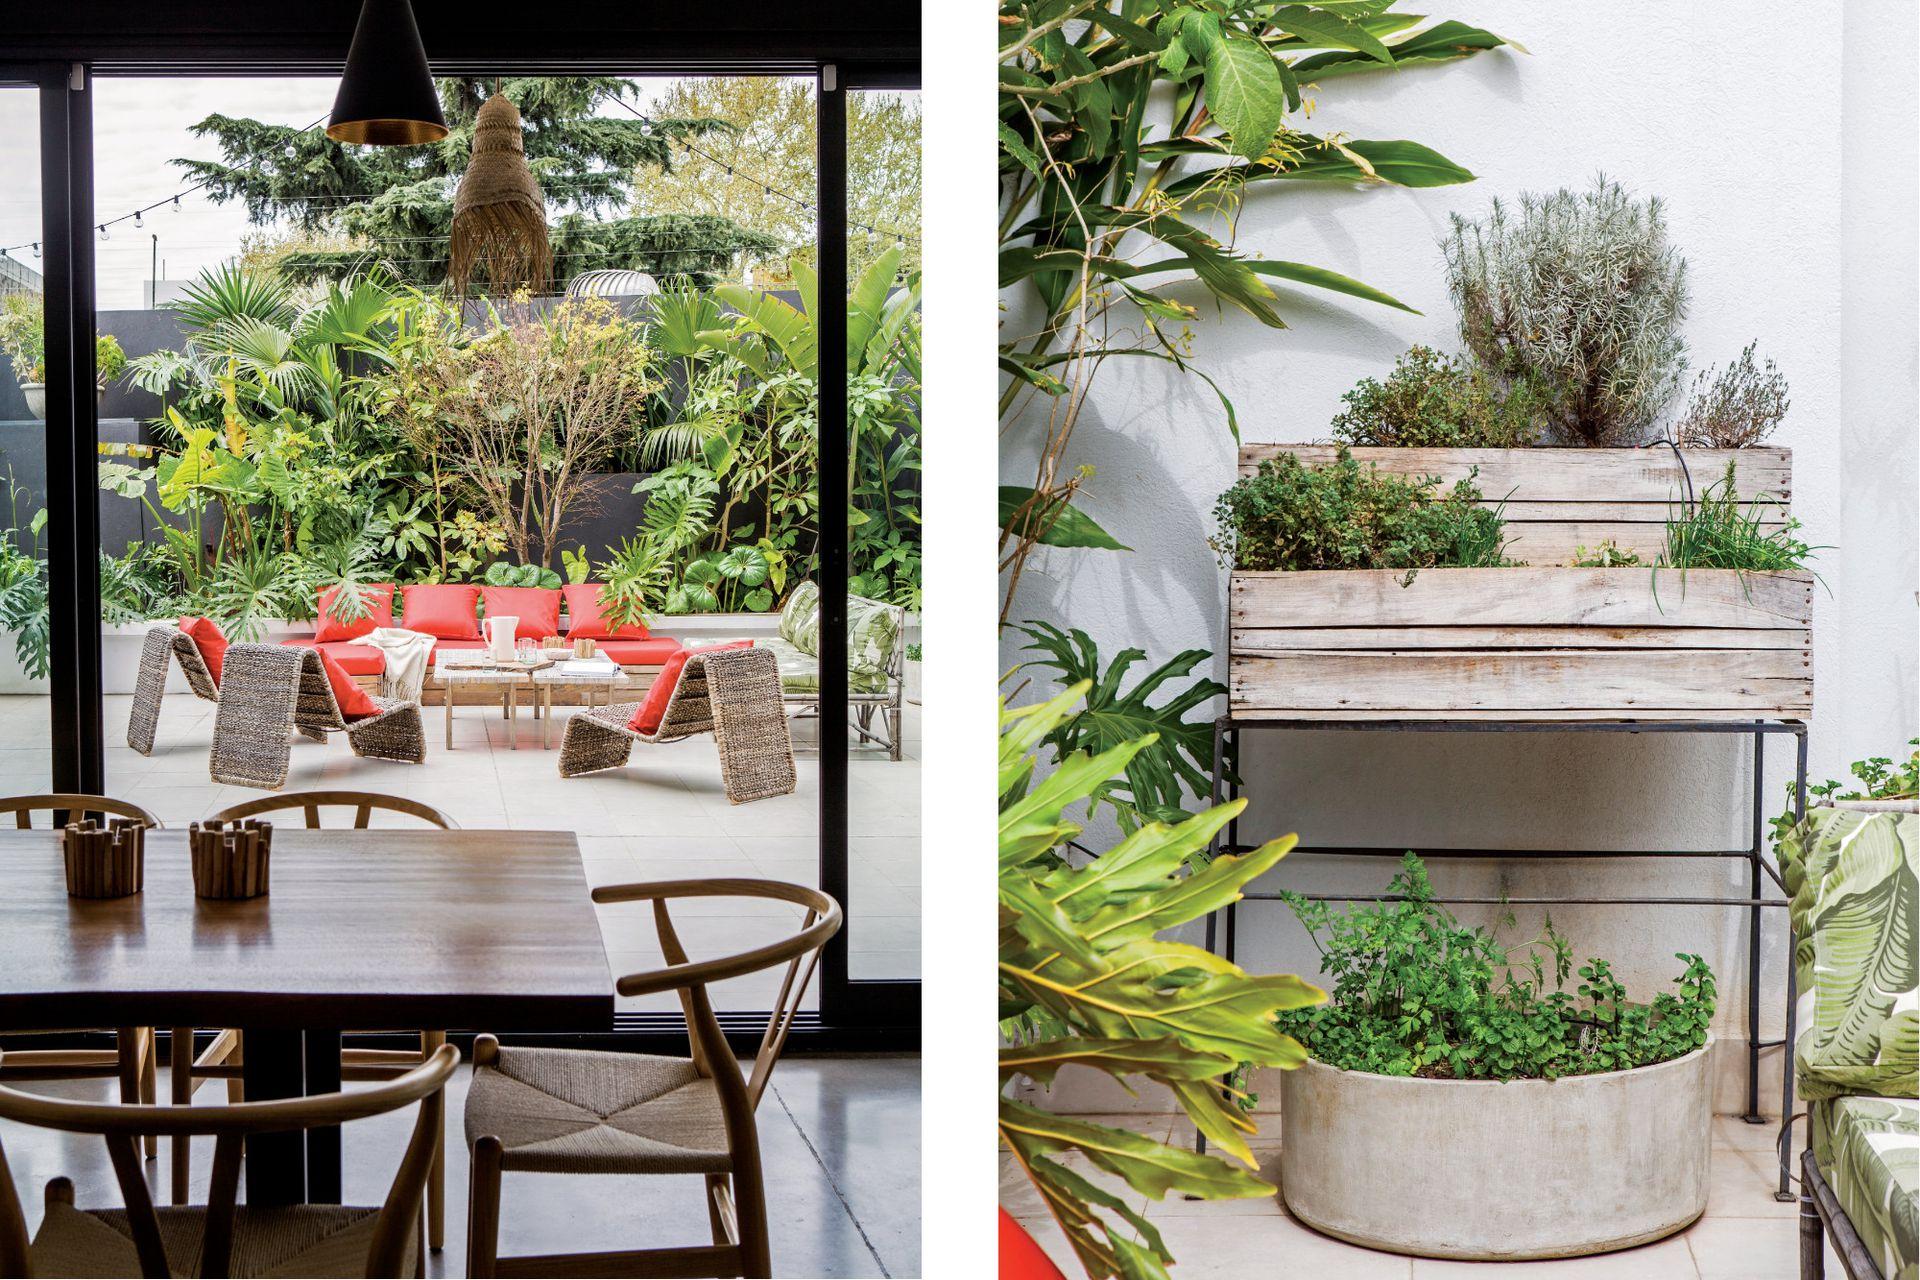 Grandes canteros escalonados alojan arbustos, plantas tropicales y árboles frutales en este jardín secreto en medio de la gran ciudad.